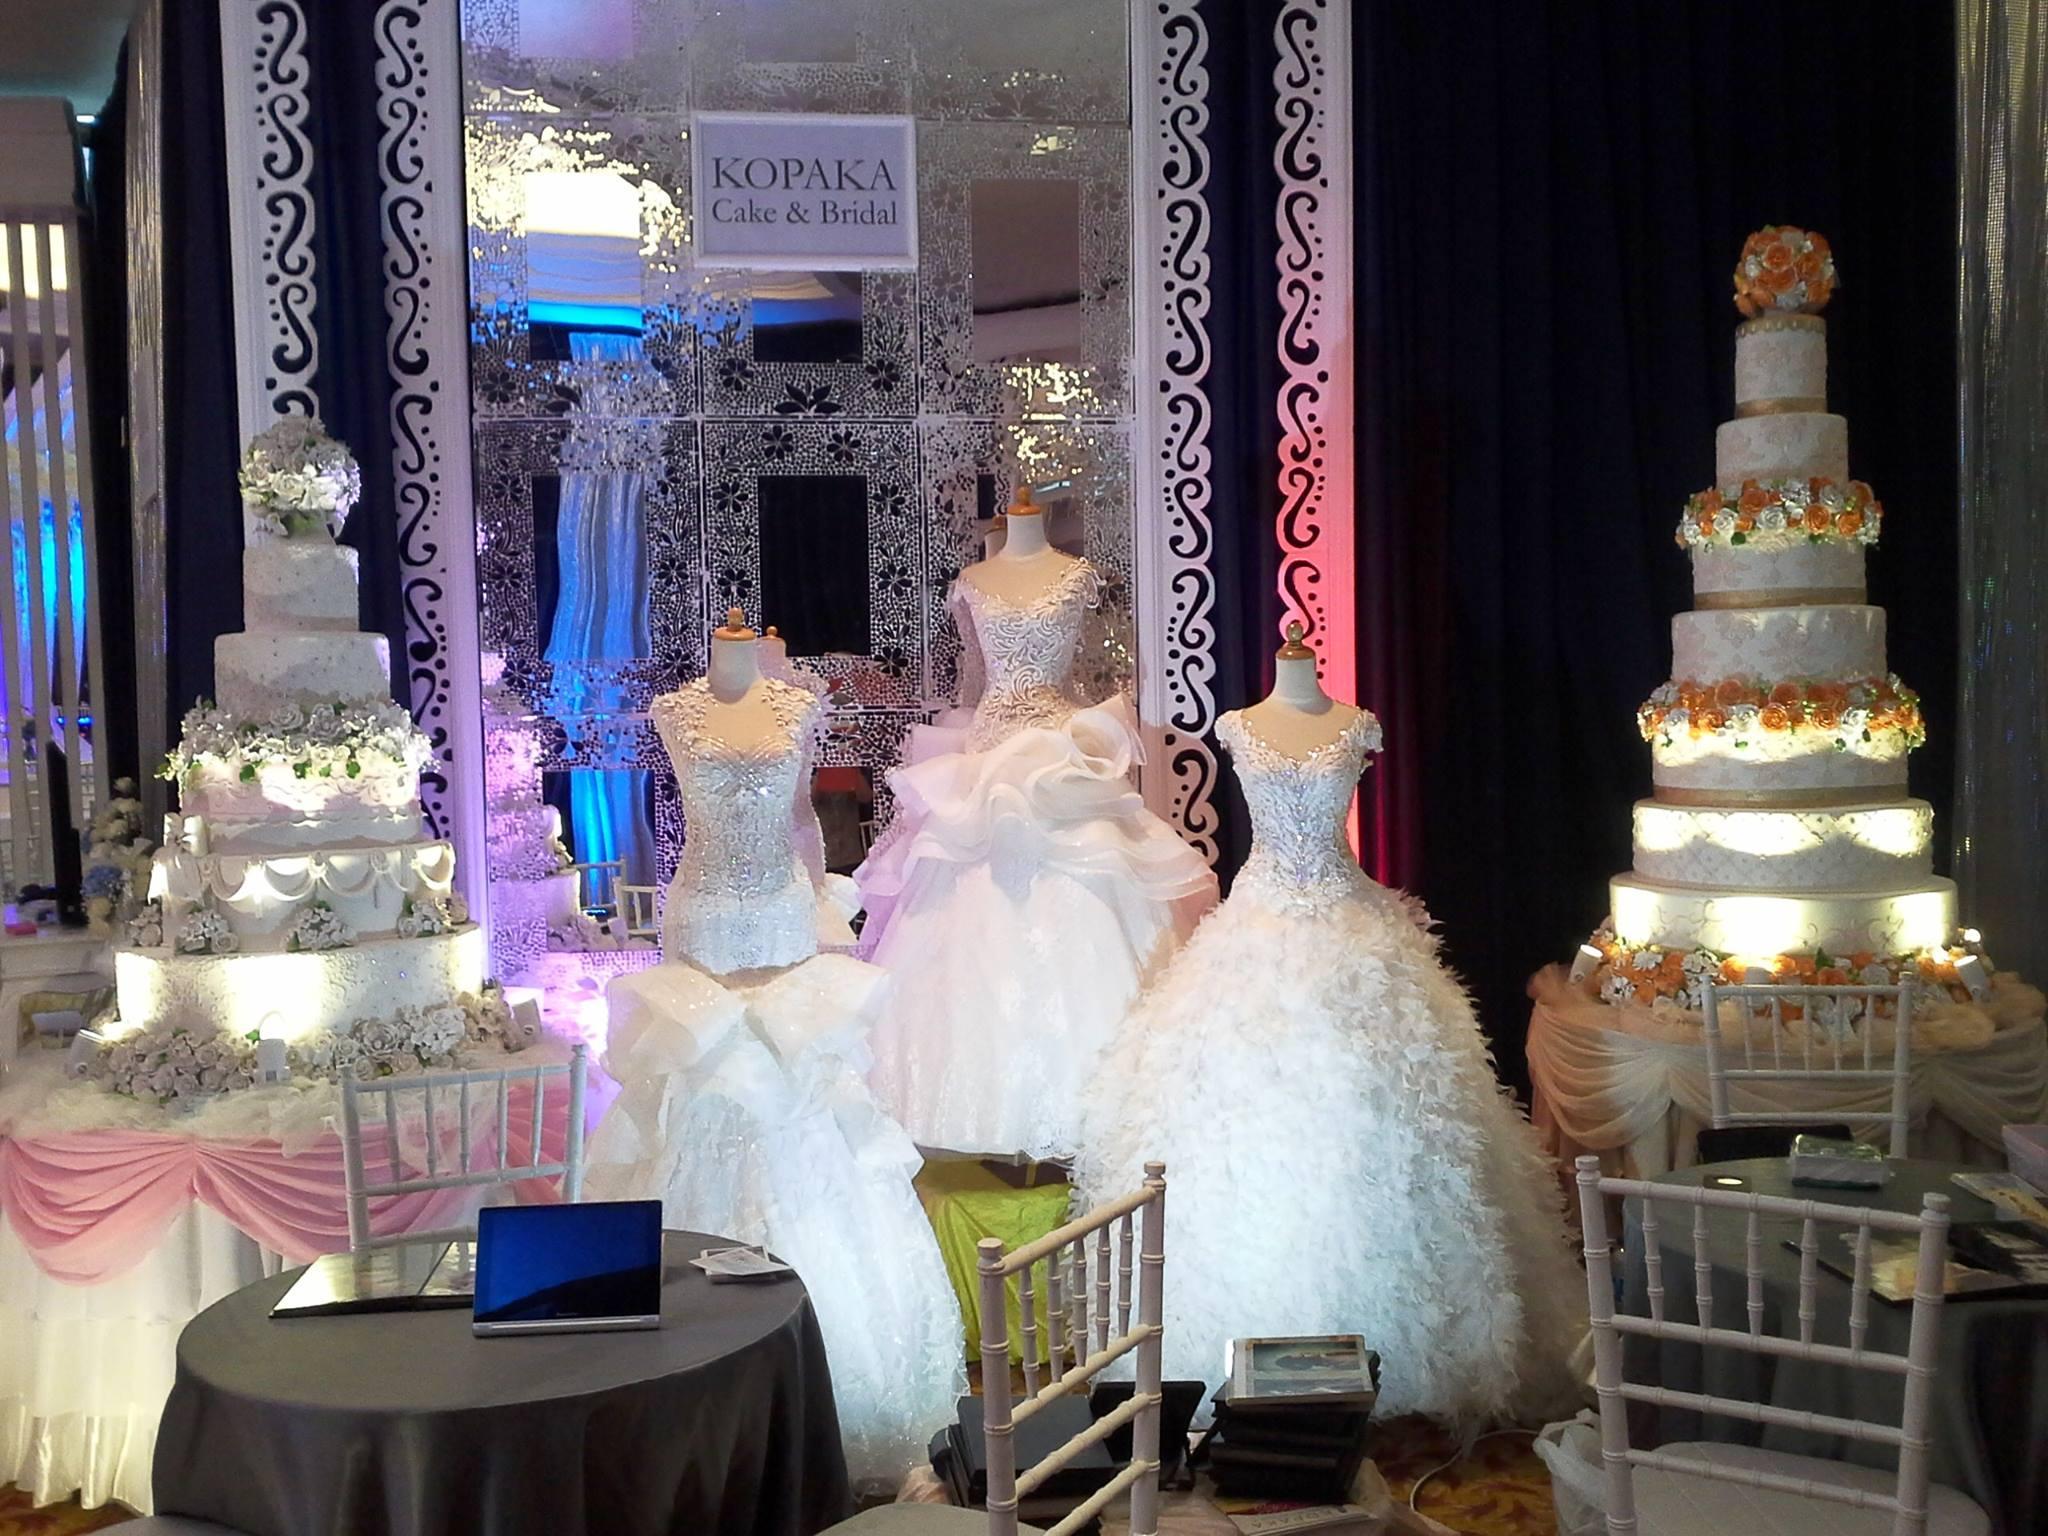 Kopaka Cake & Bridal